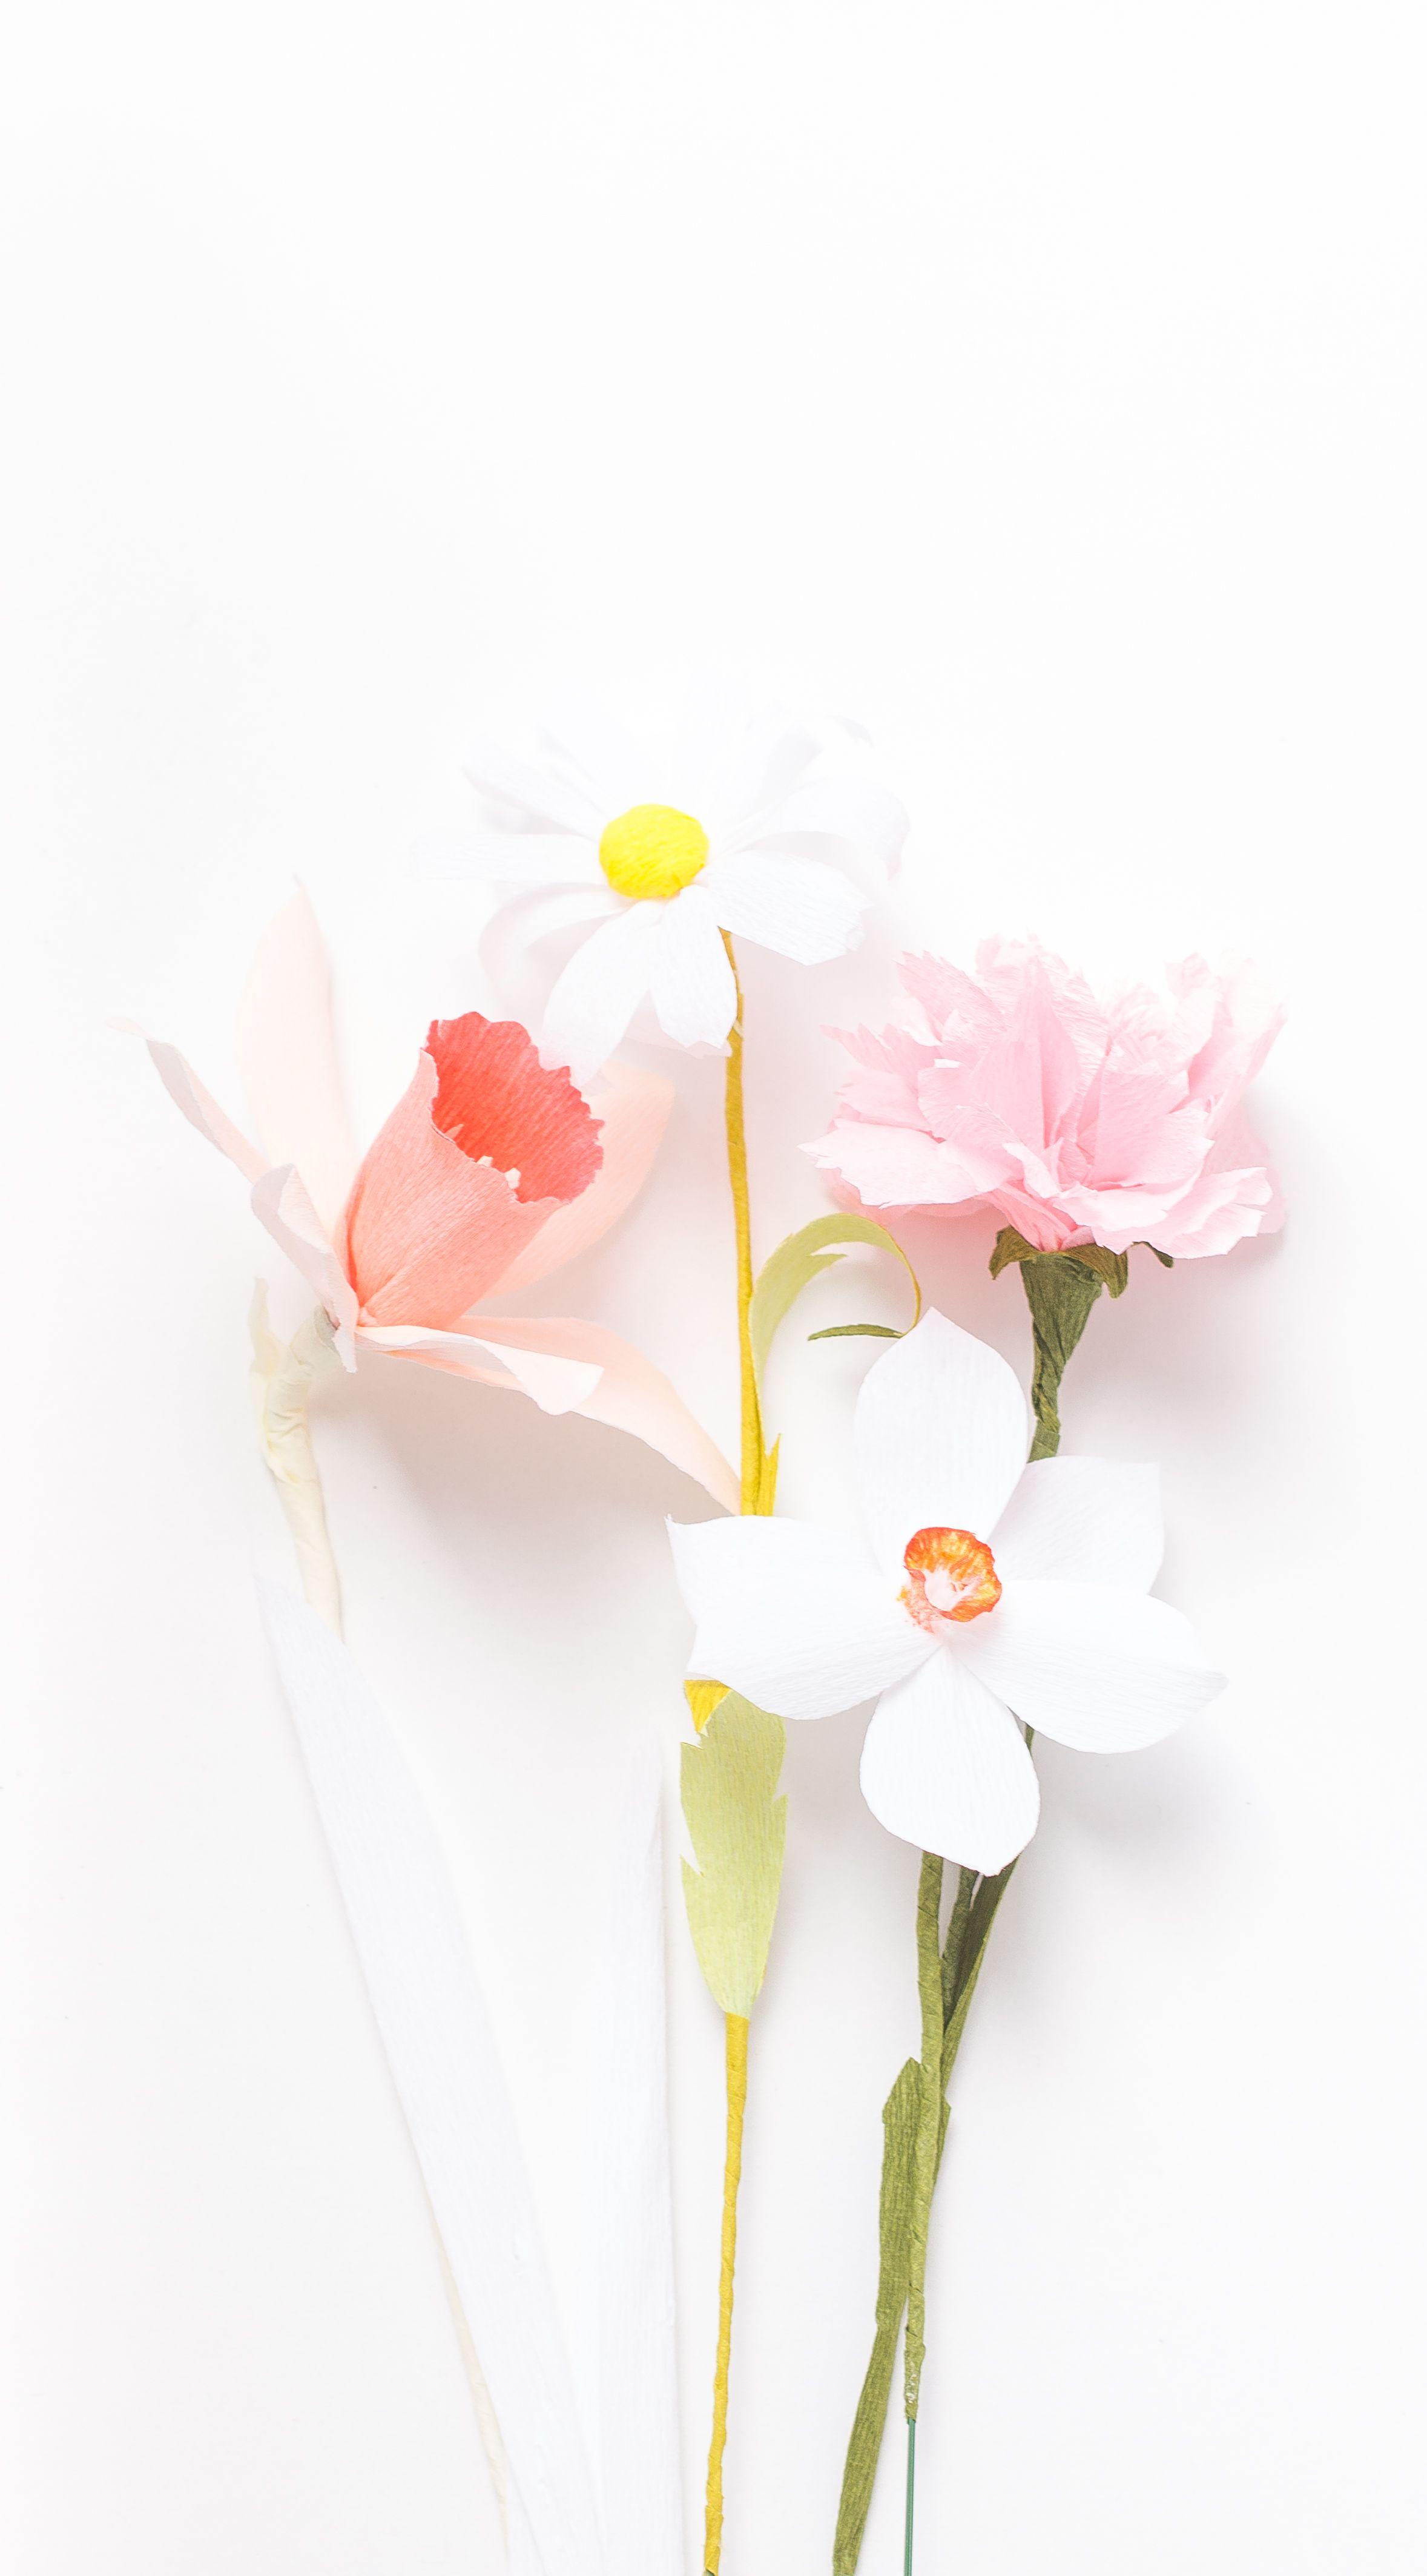 Paper flowers susan beech paperflower flowerart paper